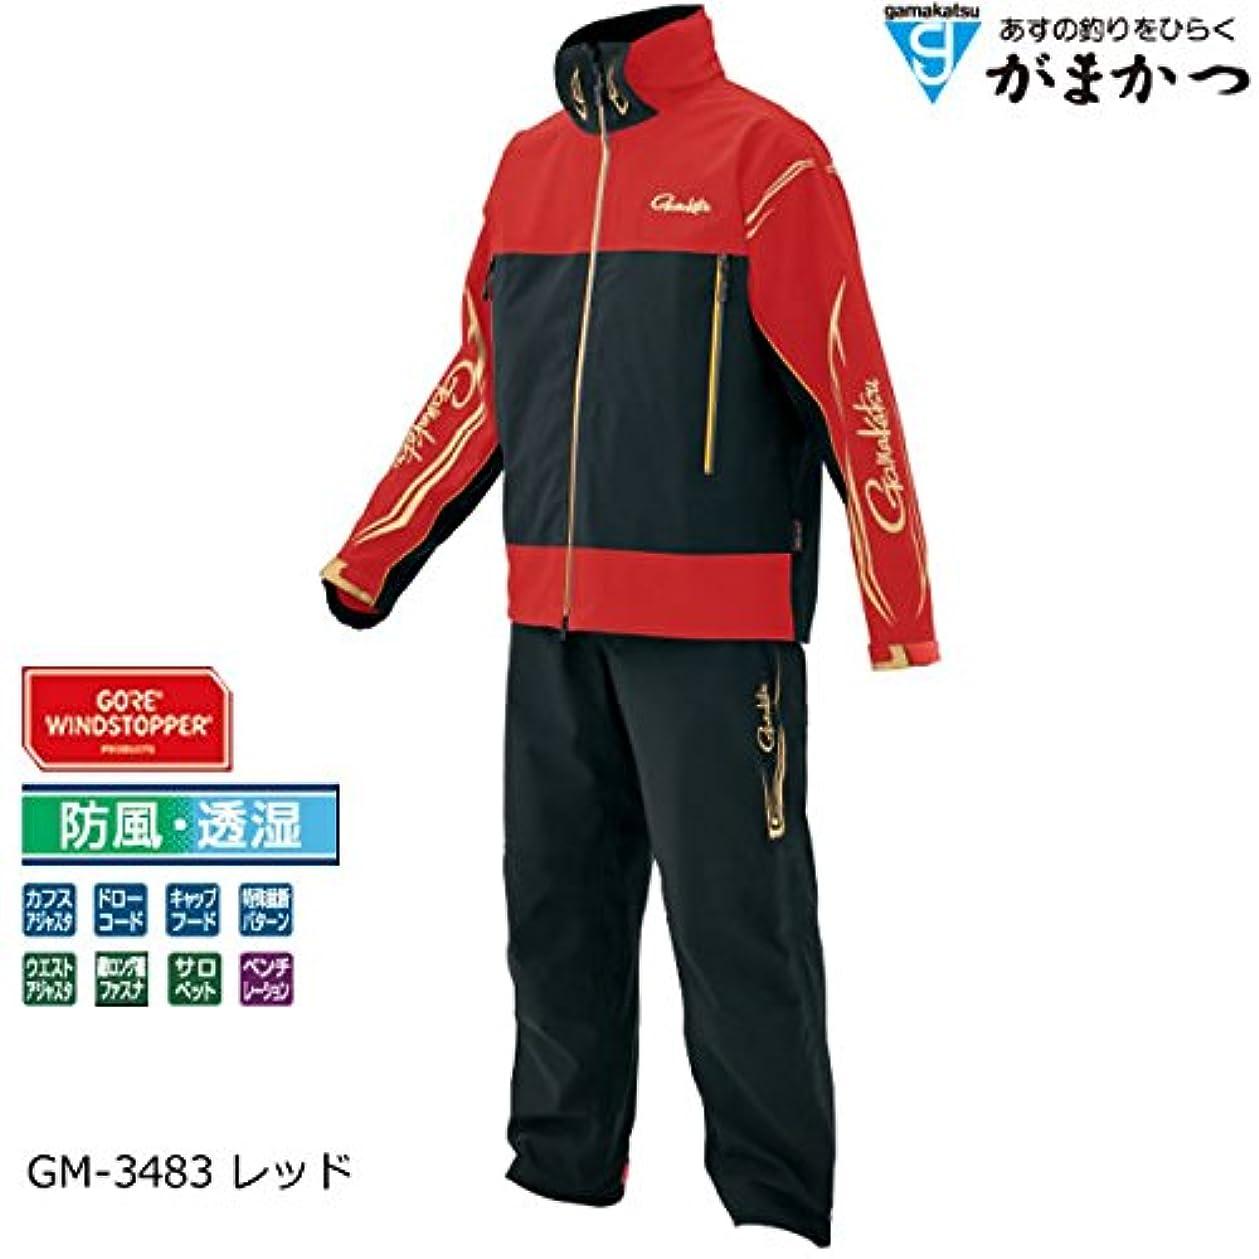 工業用しなやかがまかつ(Gamakatsu) レインウェア ウィンドストッパー(R) ライトレジスタンス スーツ 3L レッド GM-3483